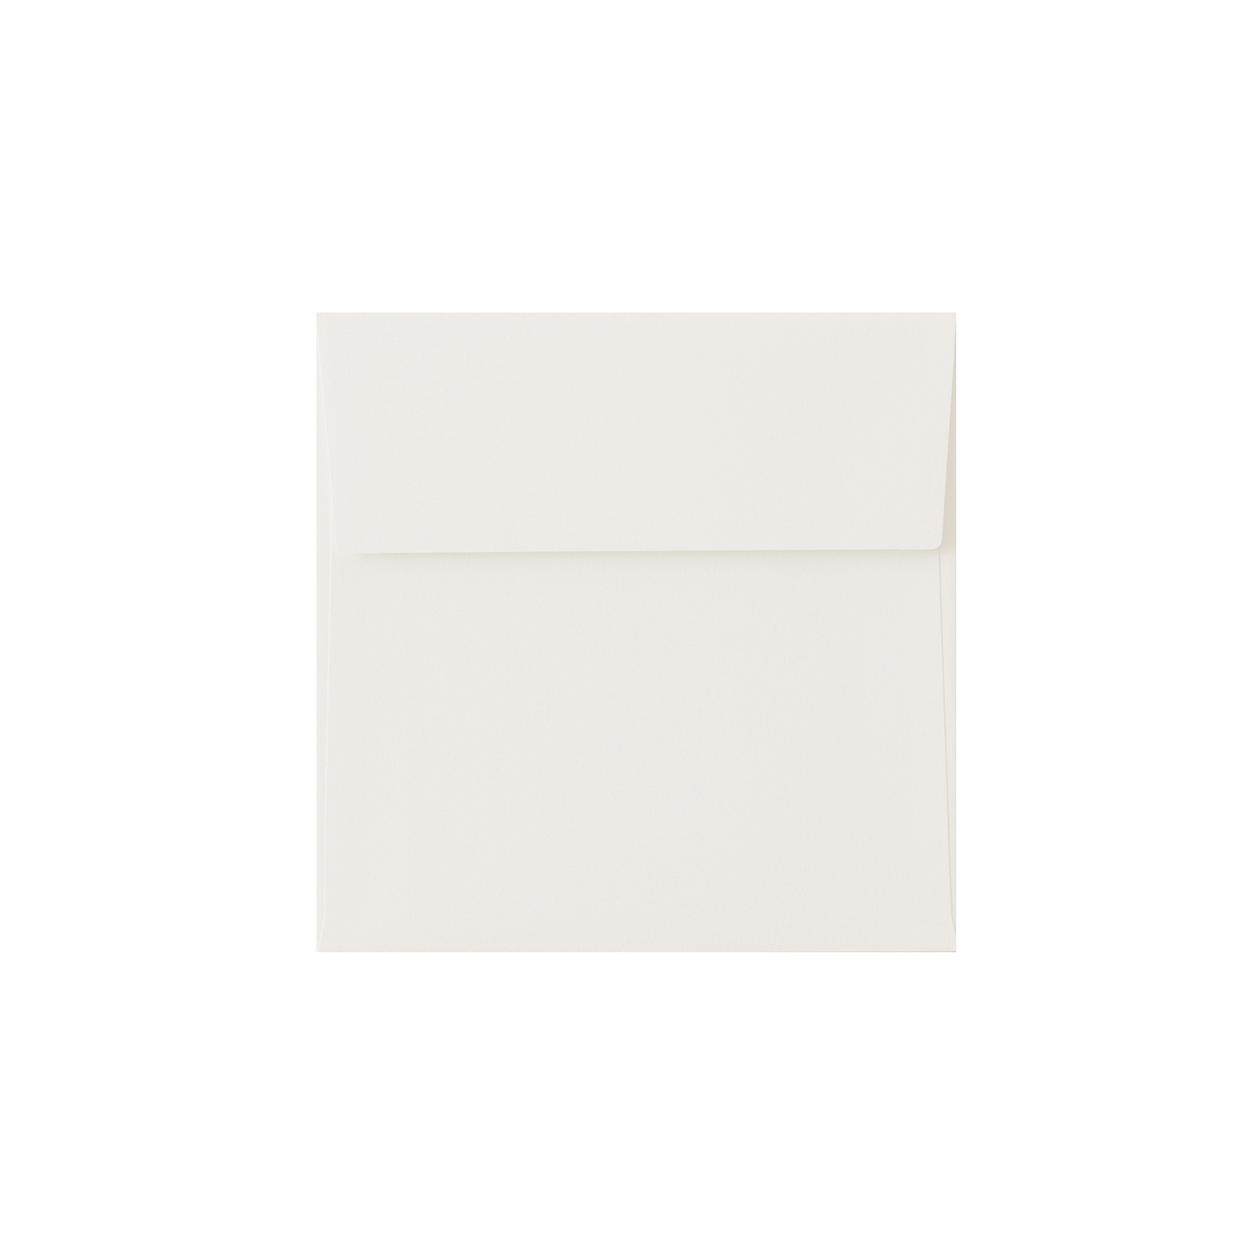 SE12.5カマス封筒 コットン スノーホワイト 116.3g